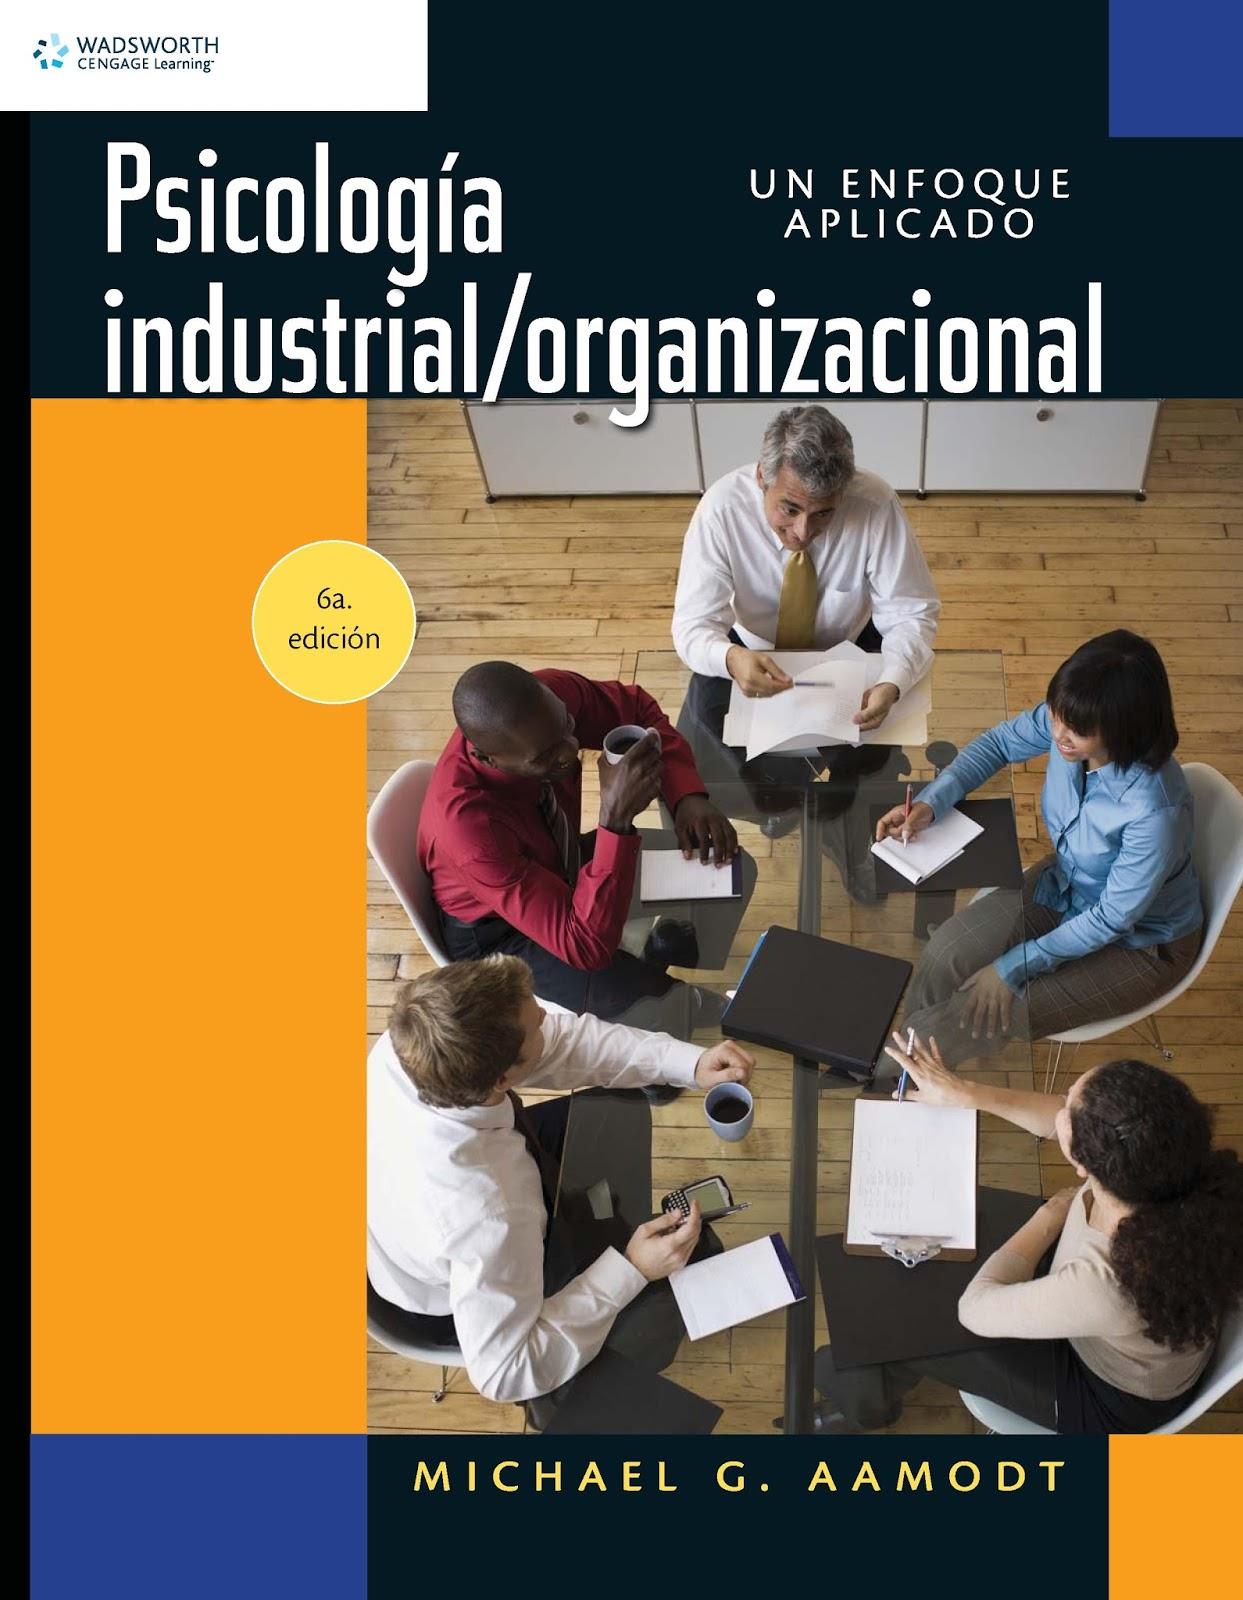 Psicología industrial organizacional: Un enfoque aplicado, 6ta. Edición – Michael G. Aamodt